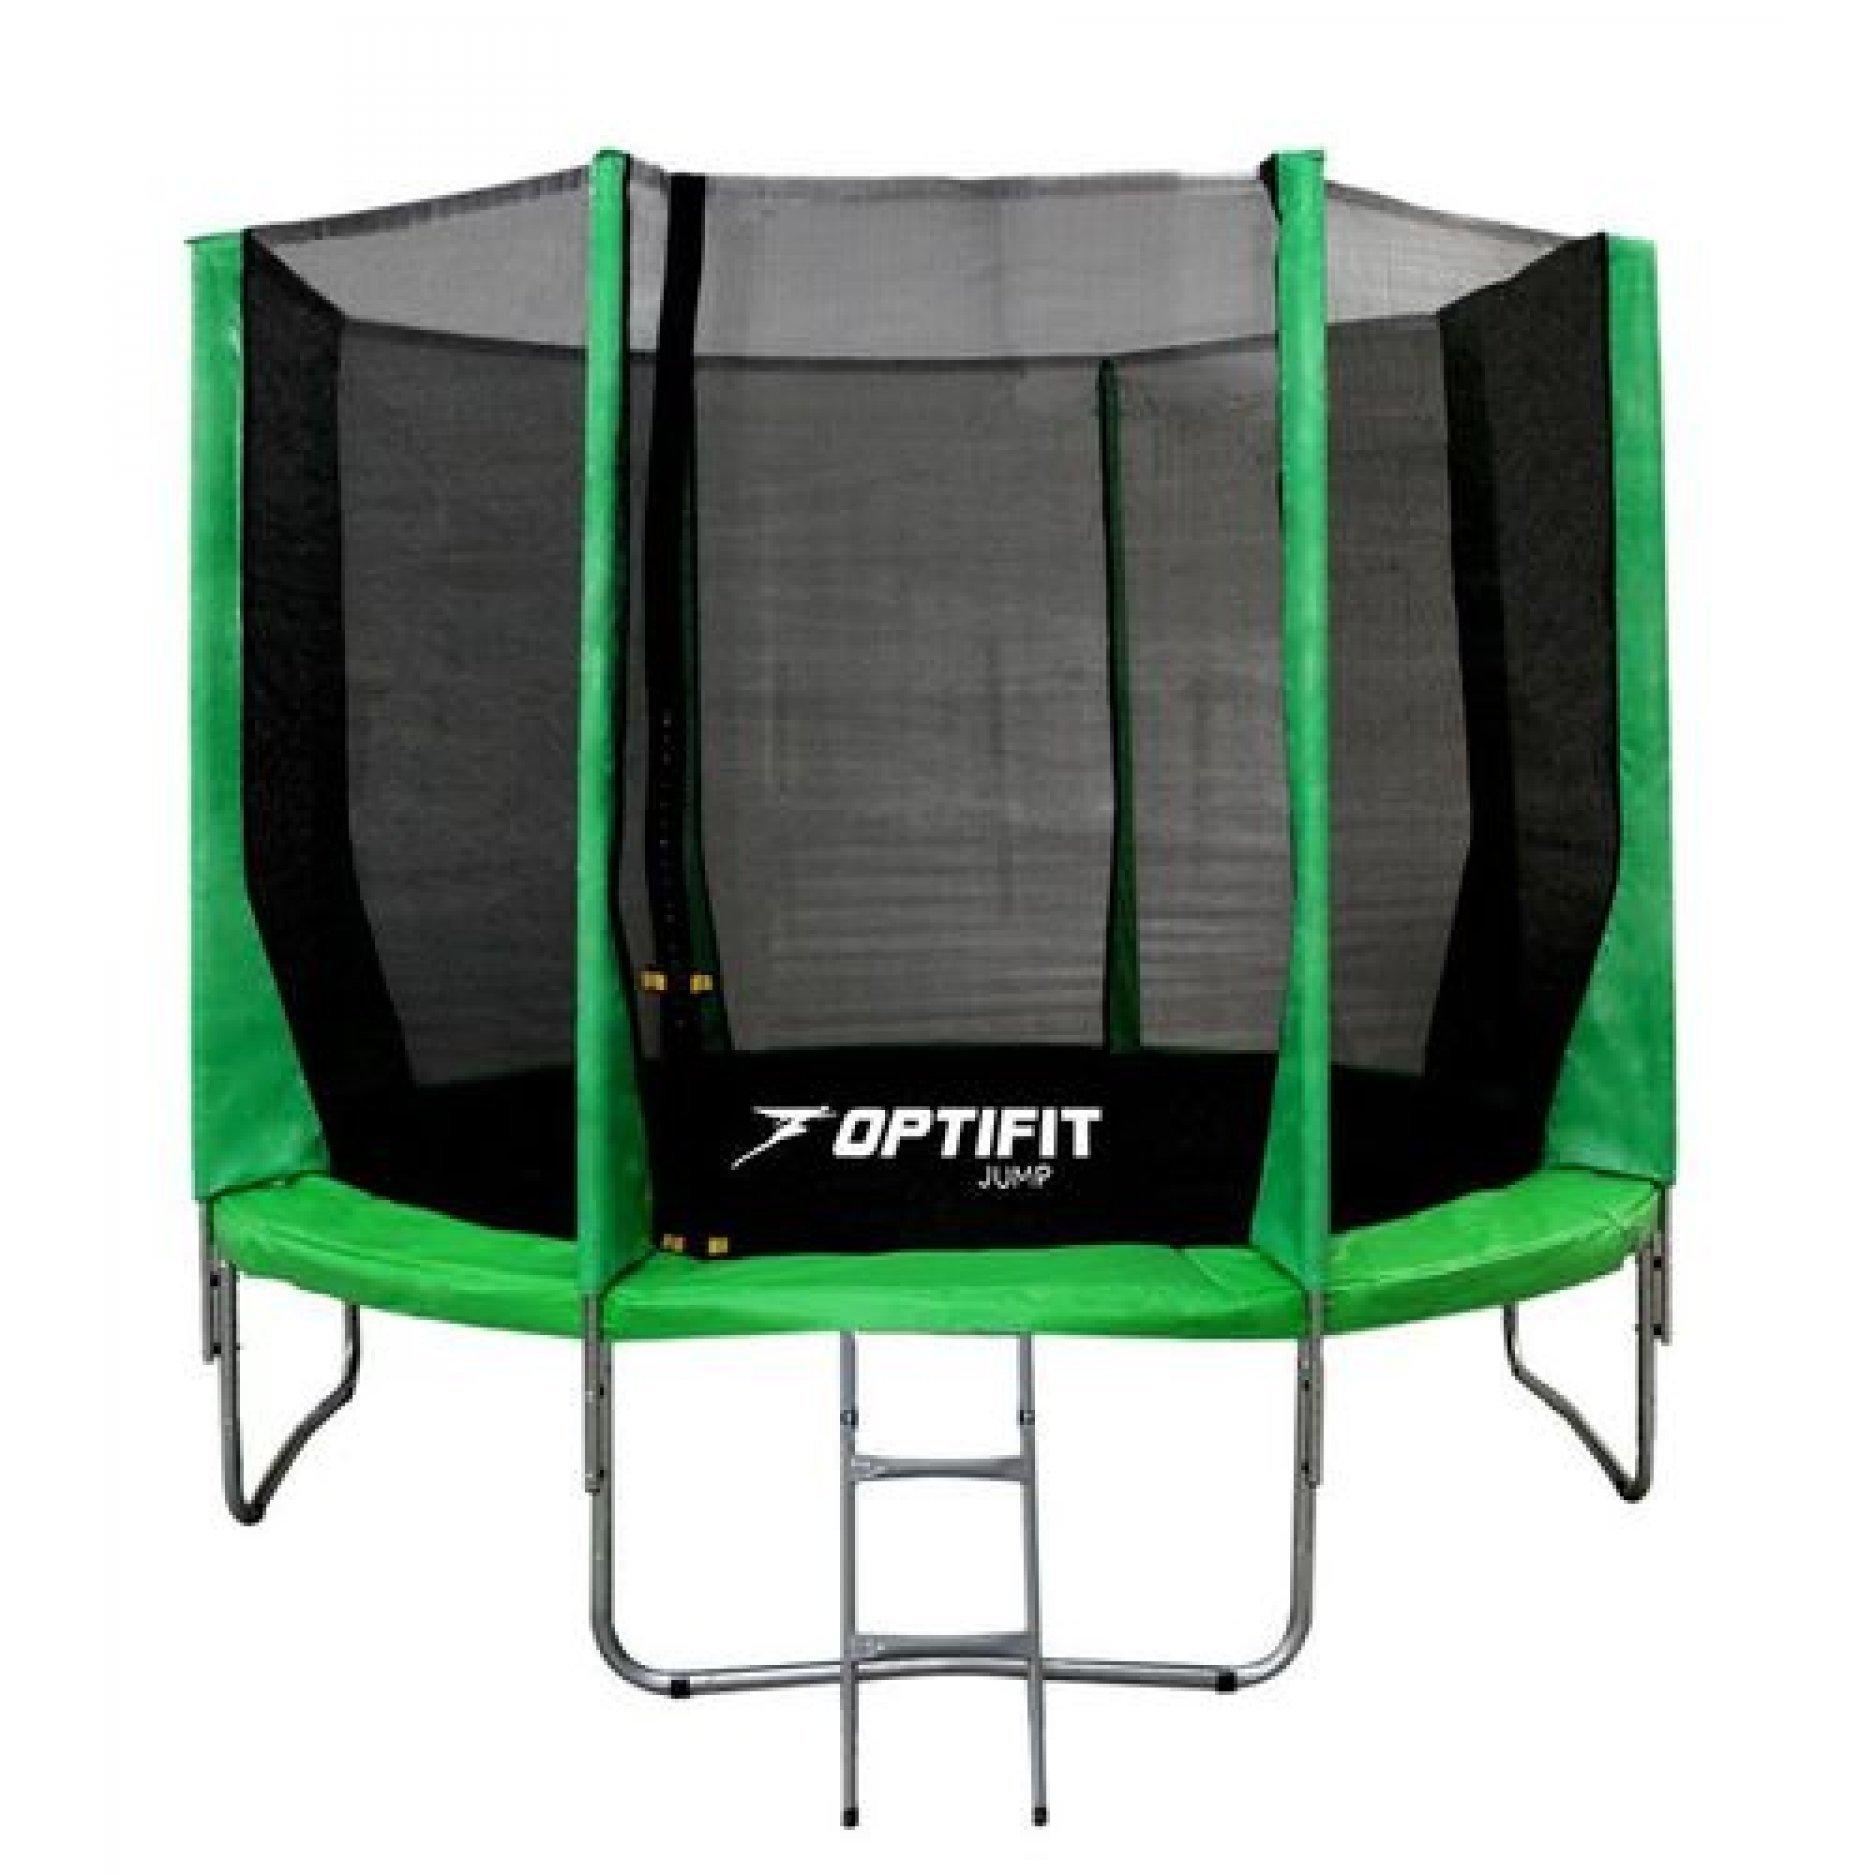 Батут OPTIFIT JUMP 12FT зеленый